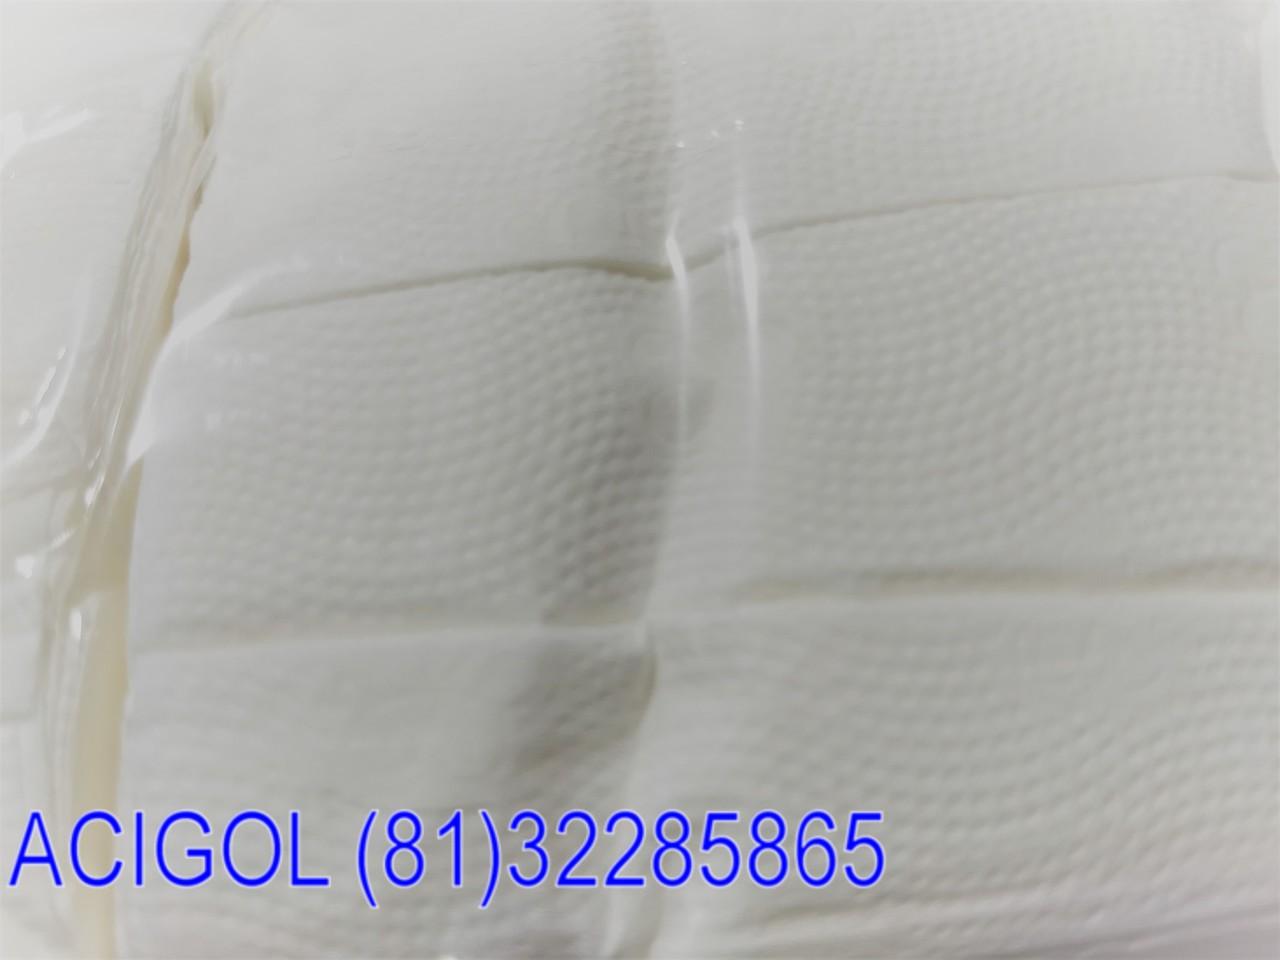 Papel higienico milli duo com 8.000 folhas duplas-acigol8132285865-IMG_20181122_191224577